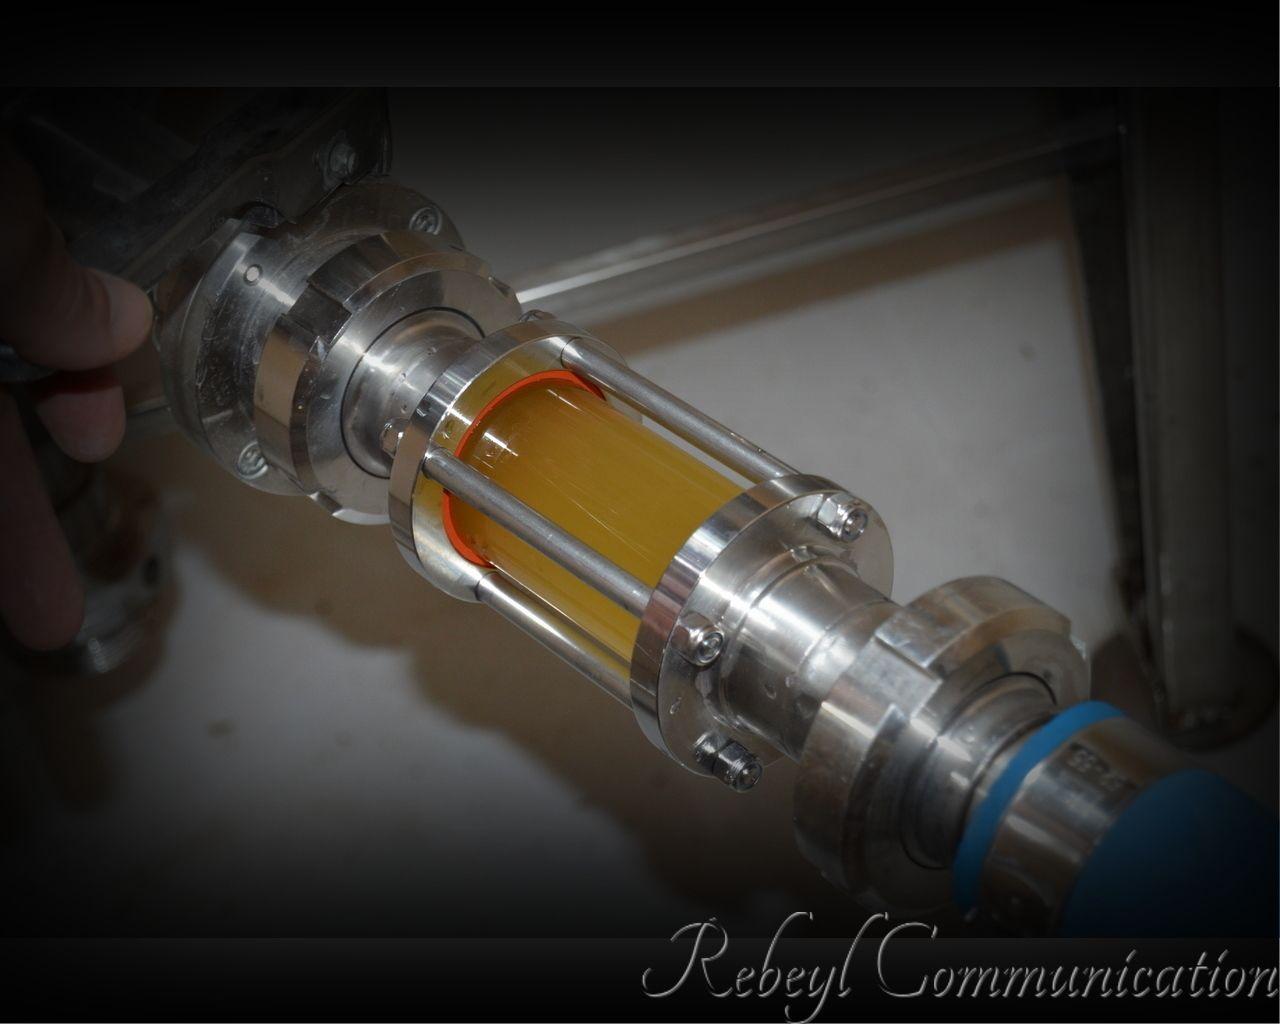 Photo: Rebeyl Communication